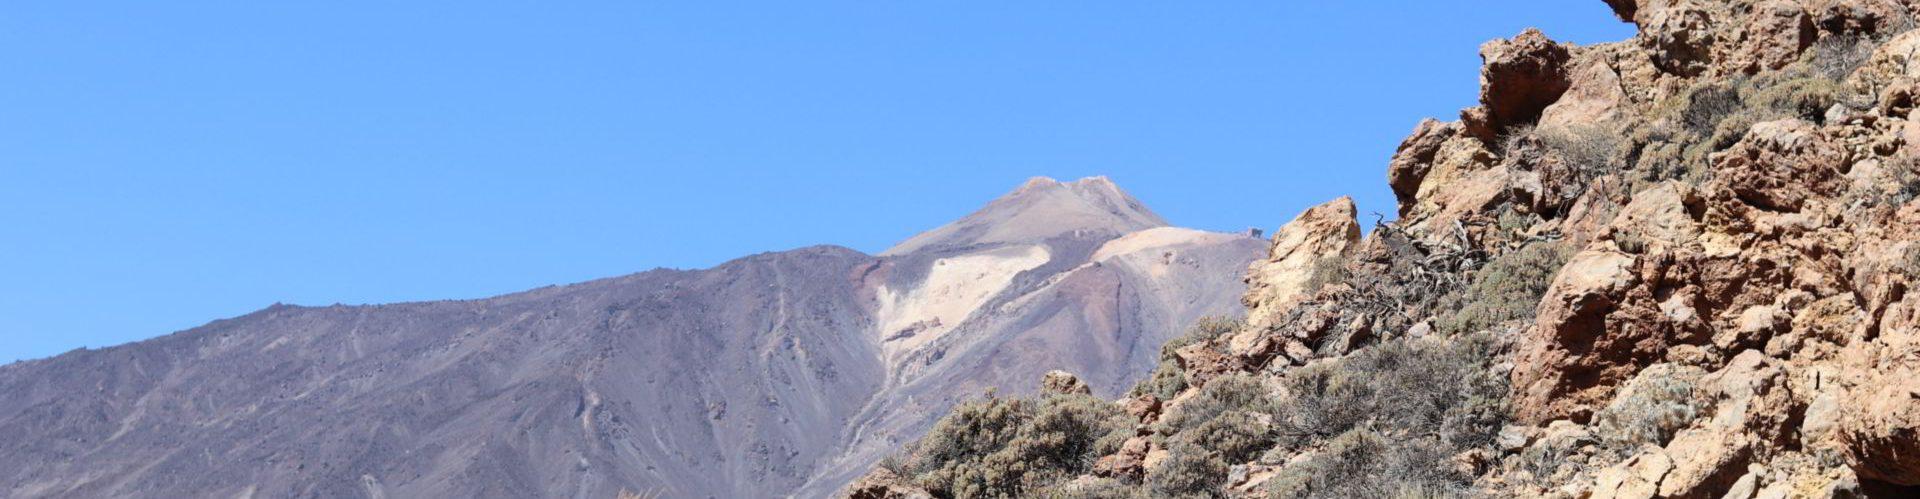 El-Teide-Tenerife